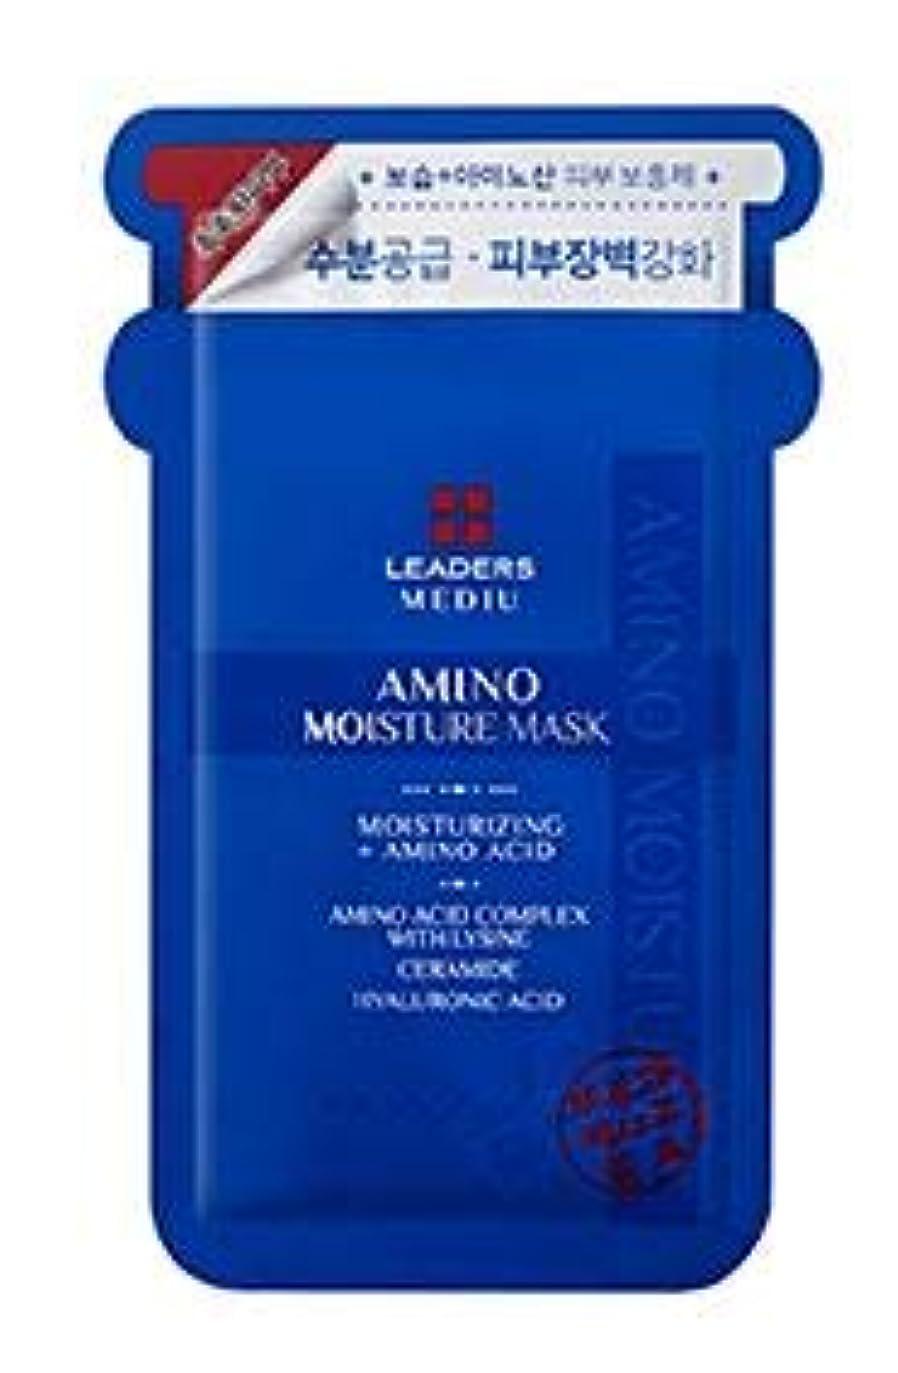 引き付ける家族かる[LEADERS] MEDIU Amino Moisture Mask 25ml*10ea / リーダースアミノモイスチャーマスク 25ml*10枚 [並行輸入品]